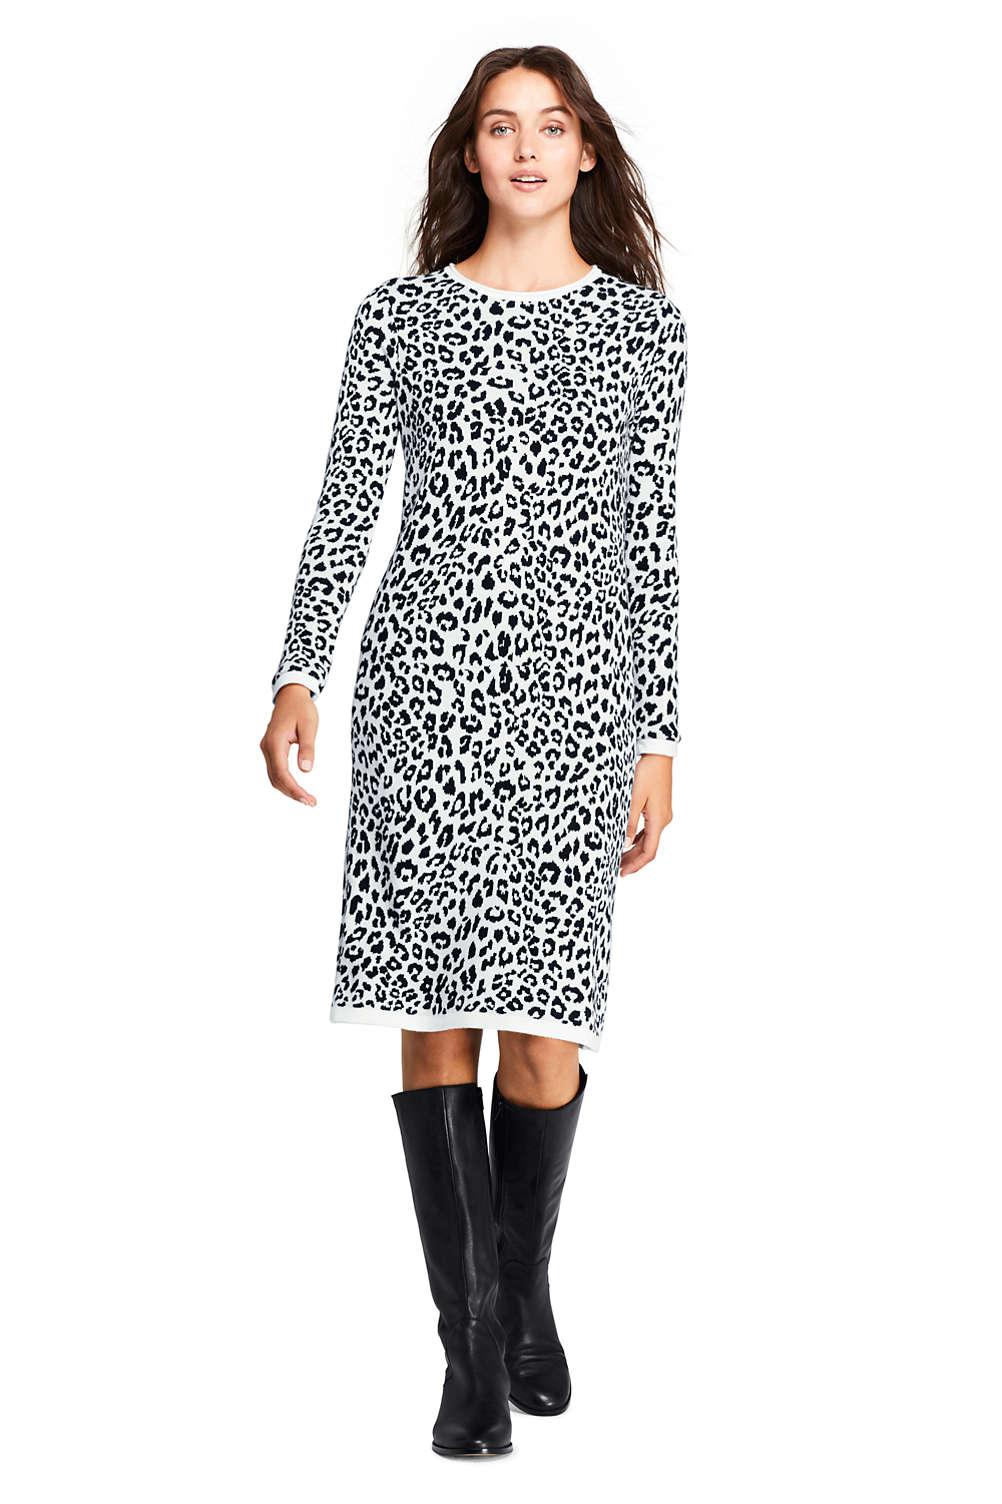 57956fdb3fd Women s Long Sleeve Roll Neck Print Sweater Dress from Lands  End